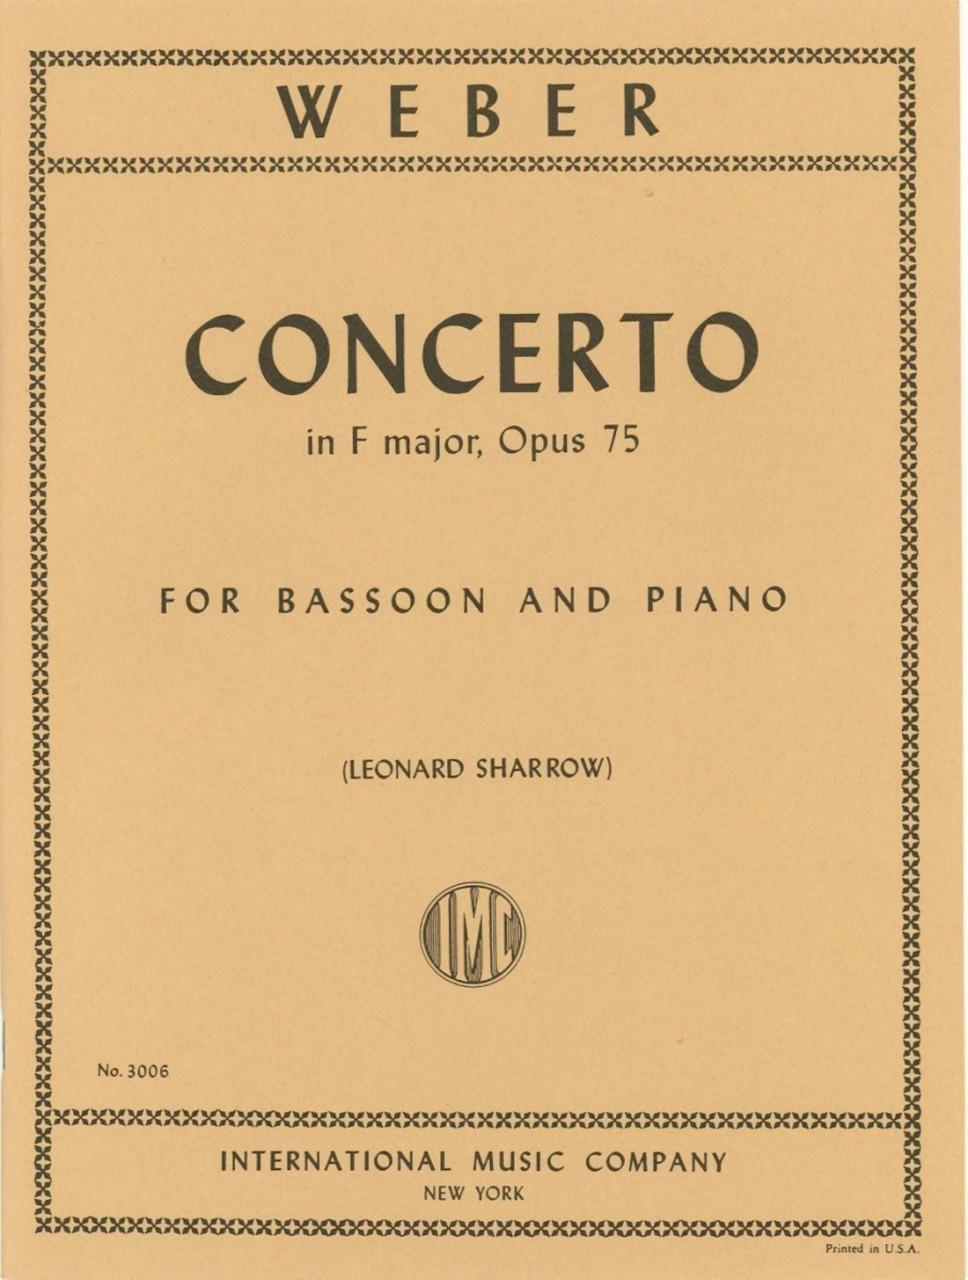 75 Op Bassoon Concerto in F Major Study Score